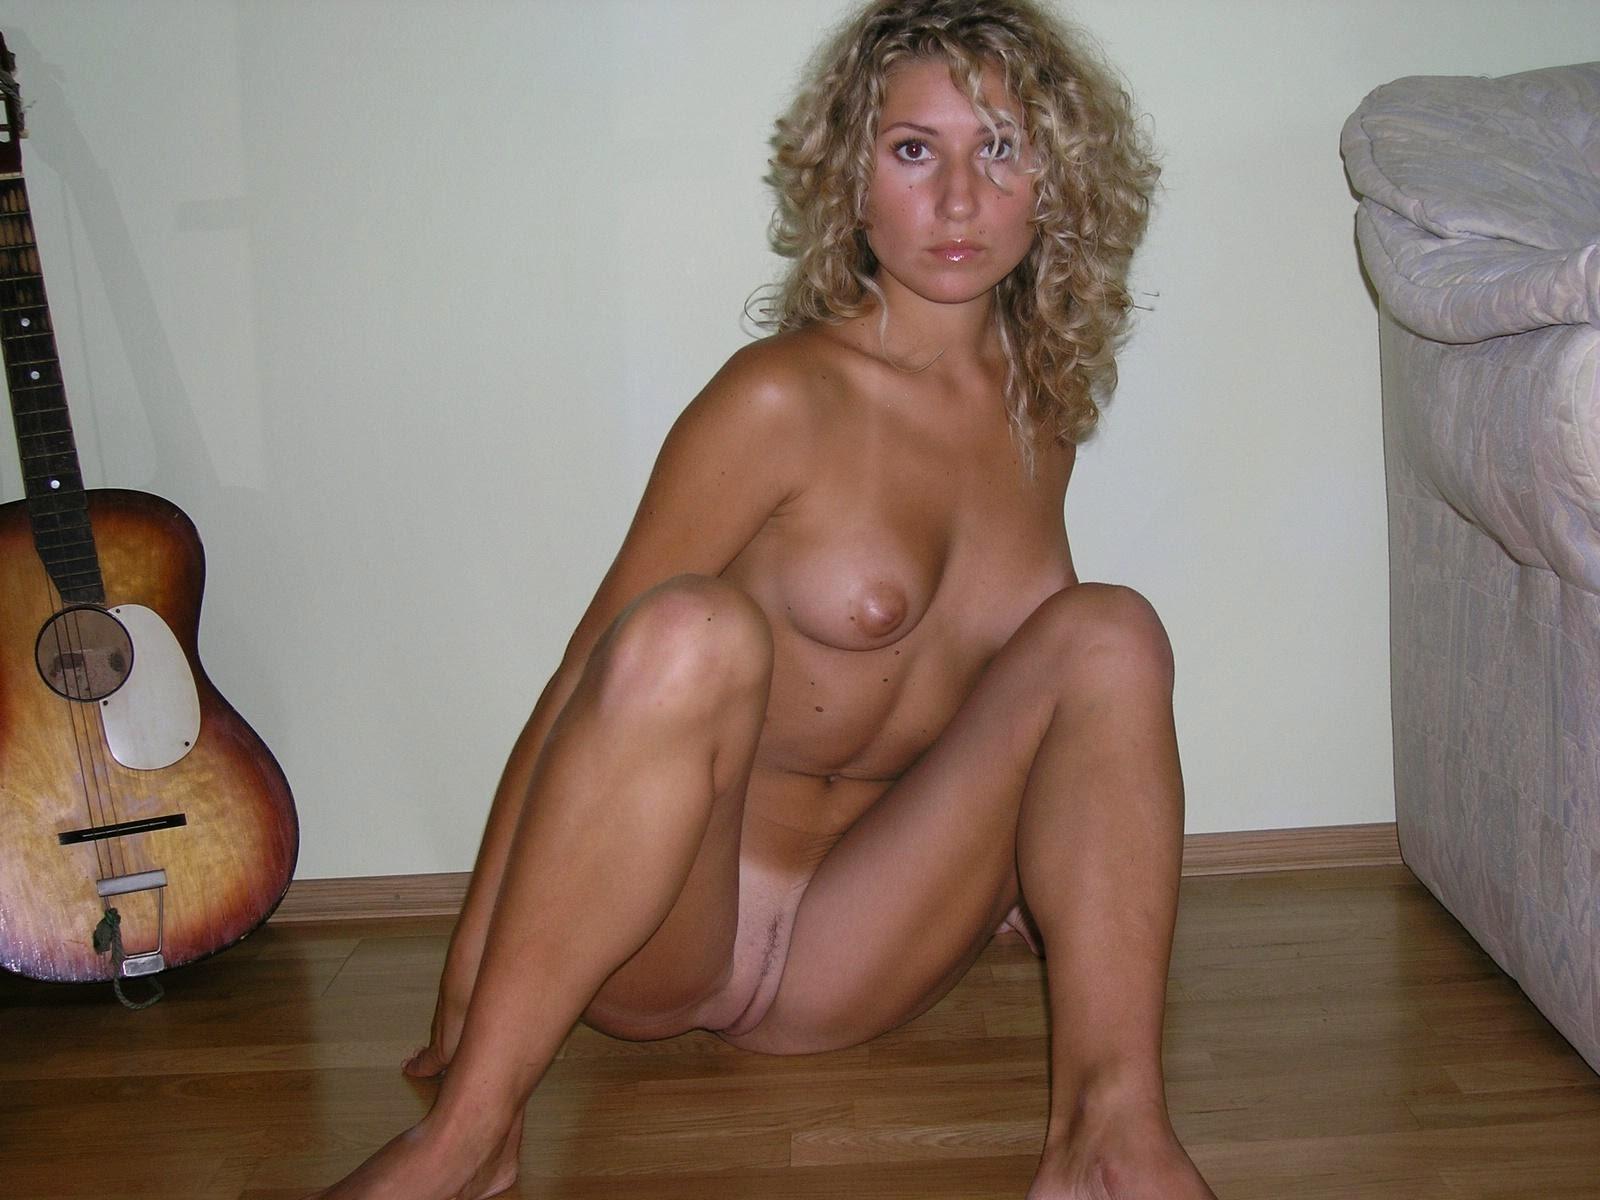 Фото голых девушек в домашней обстановке 10 фотография